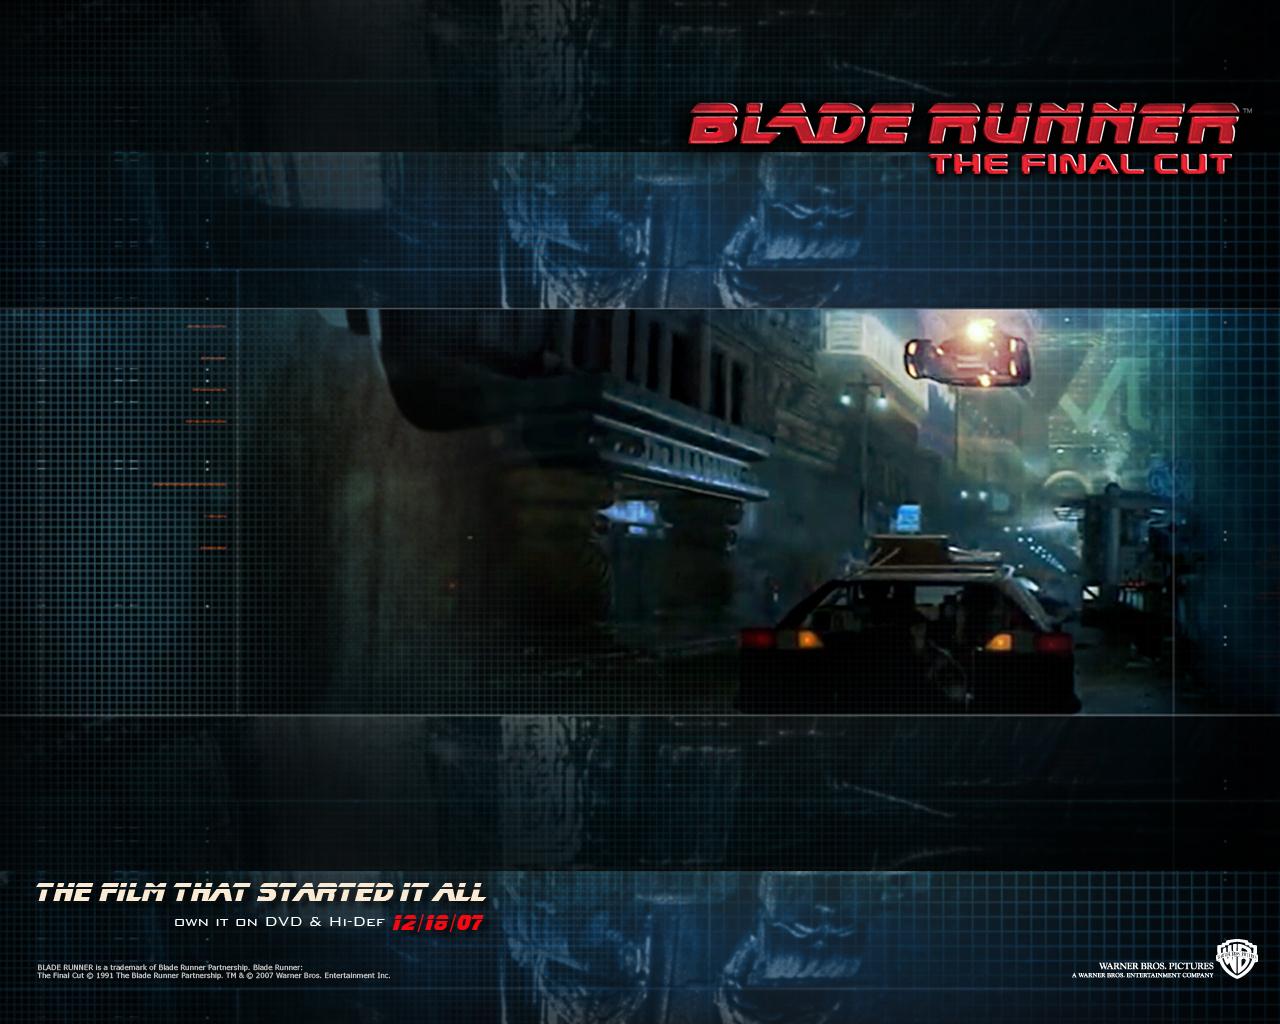 Official Blade Runner Wallpaper   Blade Runner Wallpaper 8207510 1280x1024